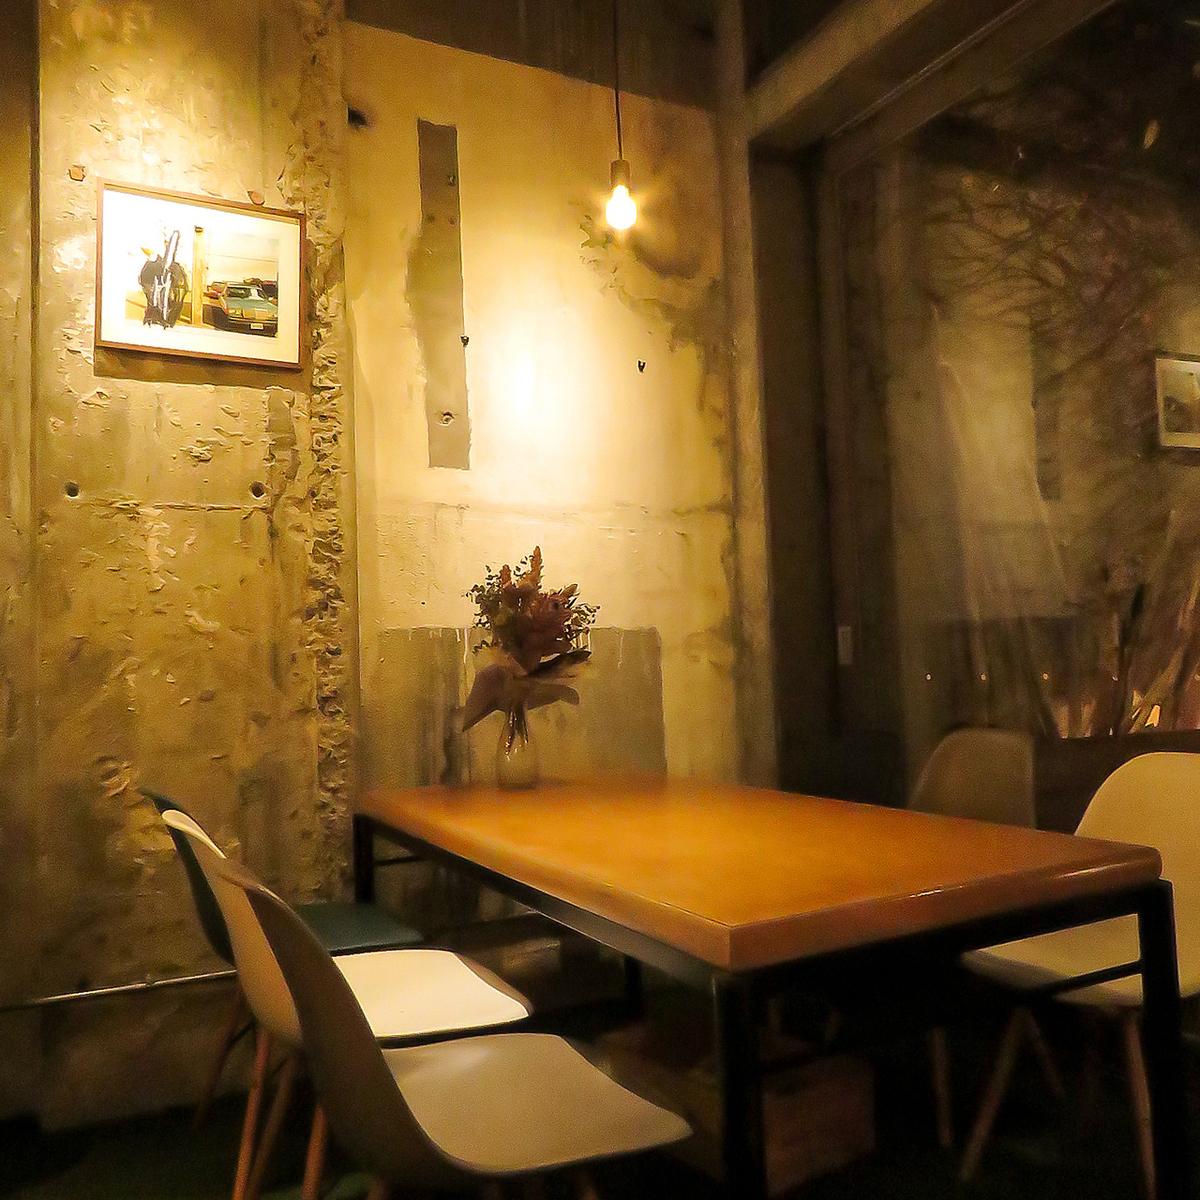 温かな照明が照らすオシャレなテーブル席で、お料理とおしゃべりを楽しんで♪